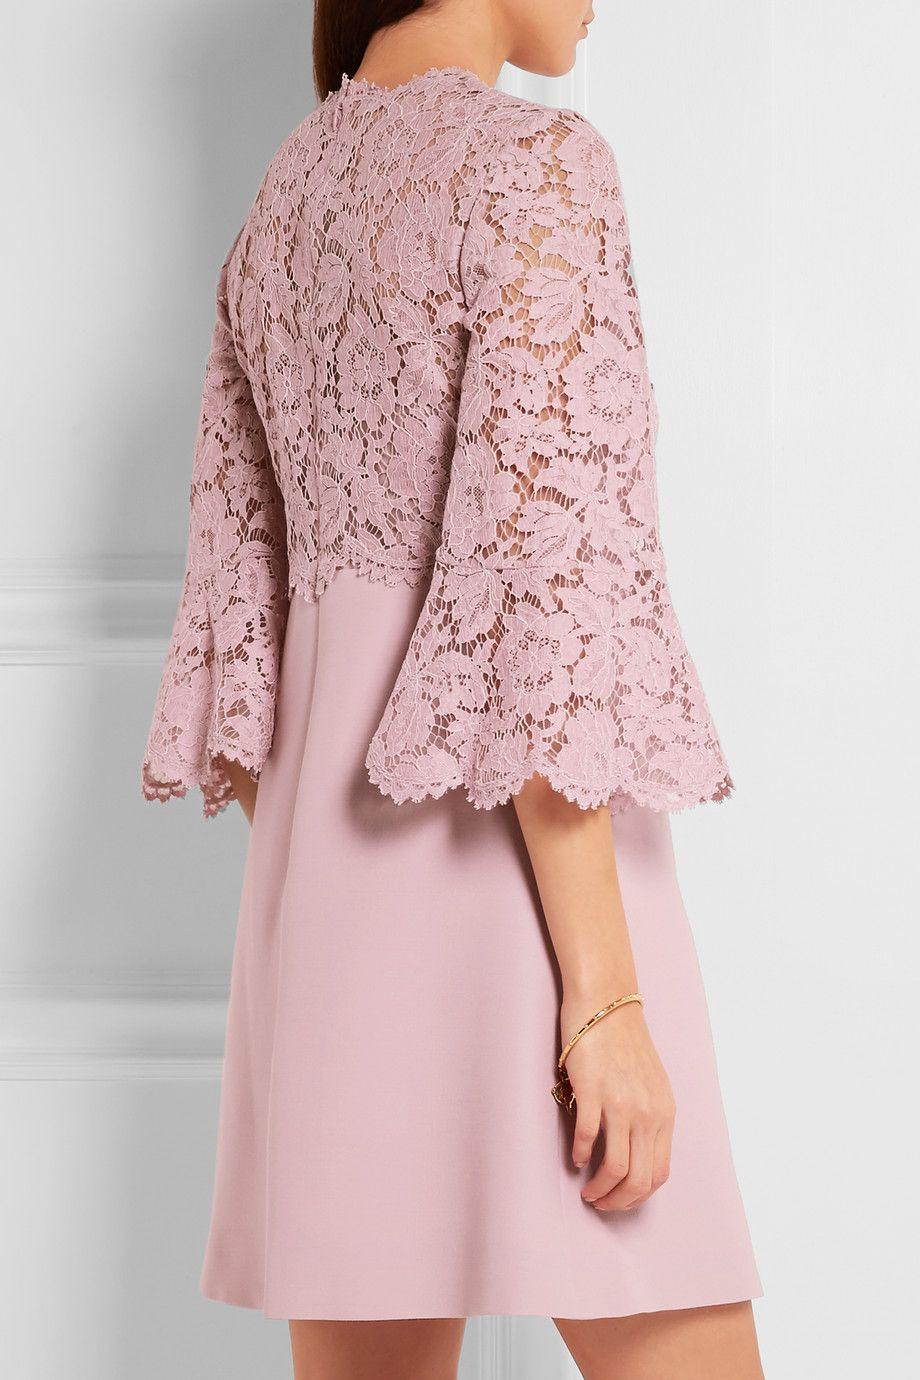 Valentino | Mini-robe en dentelle cordonnet et en crêpe à manches ...